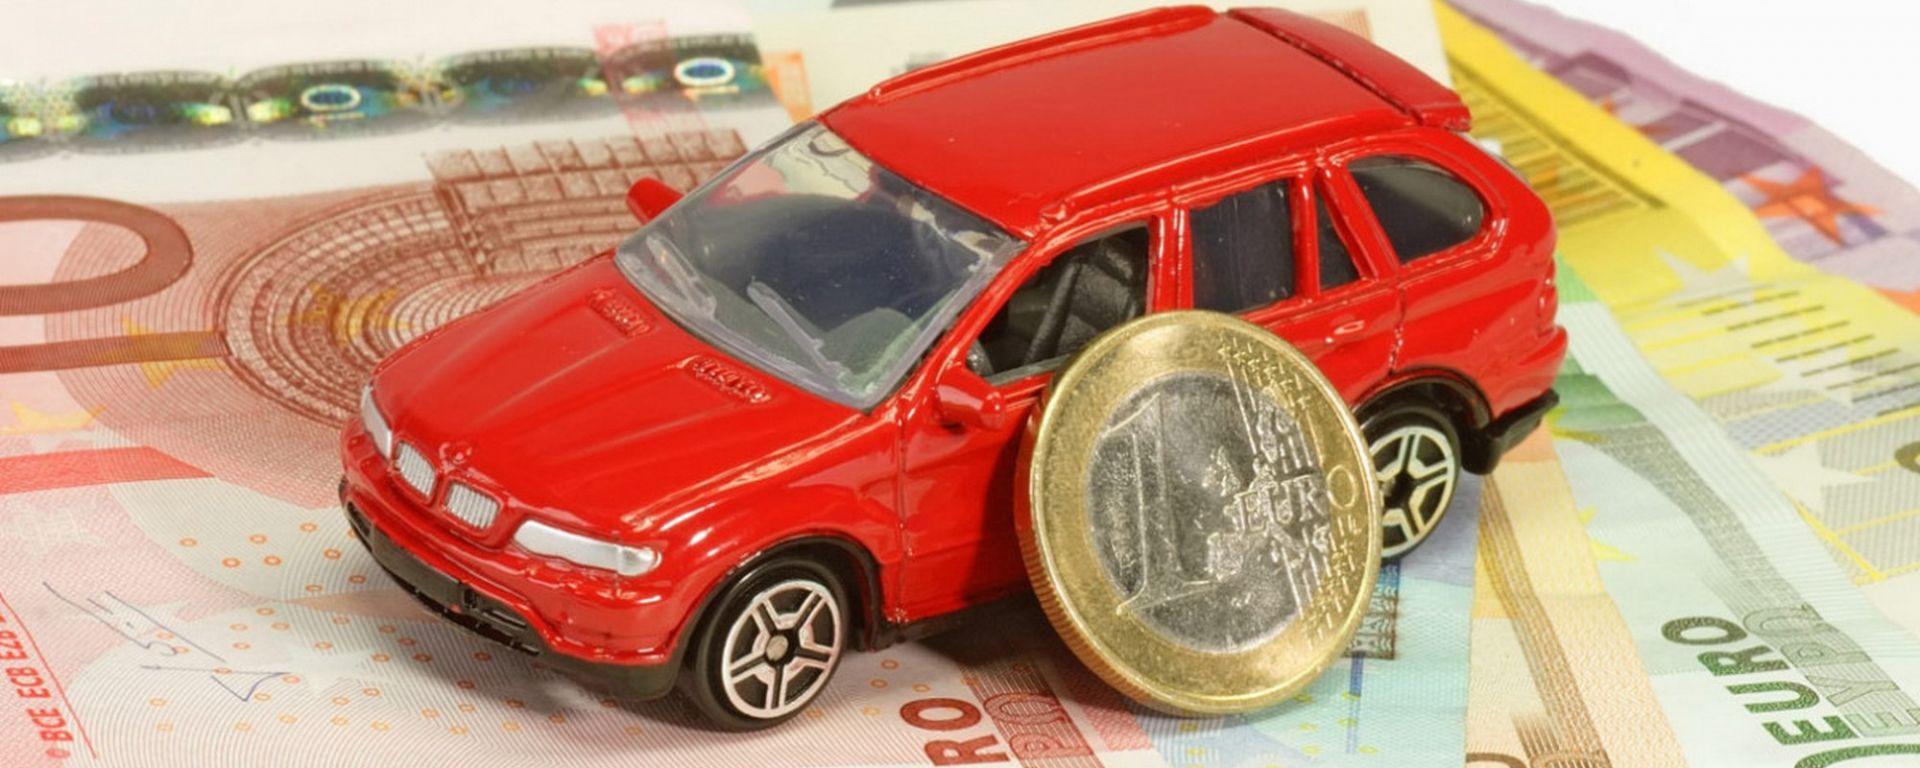 Assicurazioni RC Auto: via agli sconti